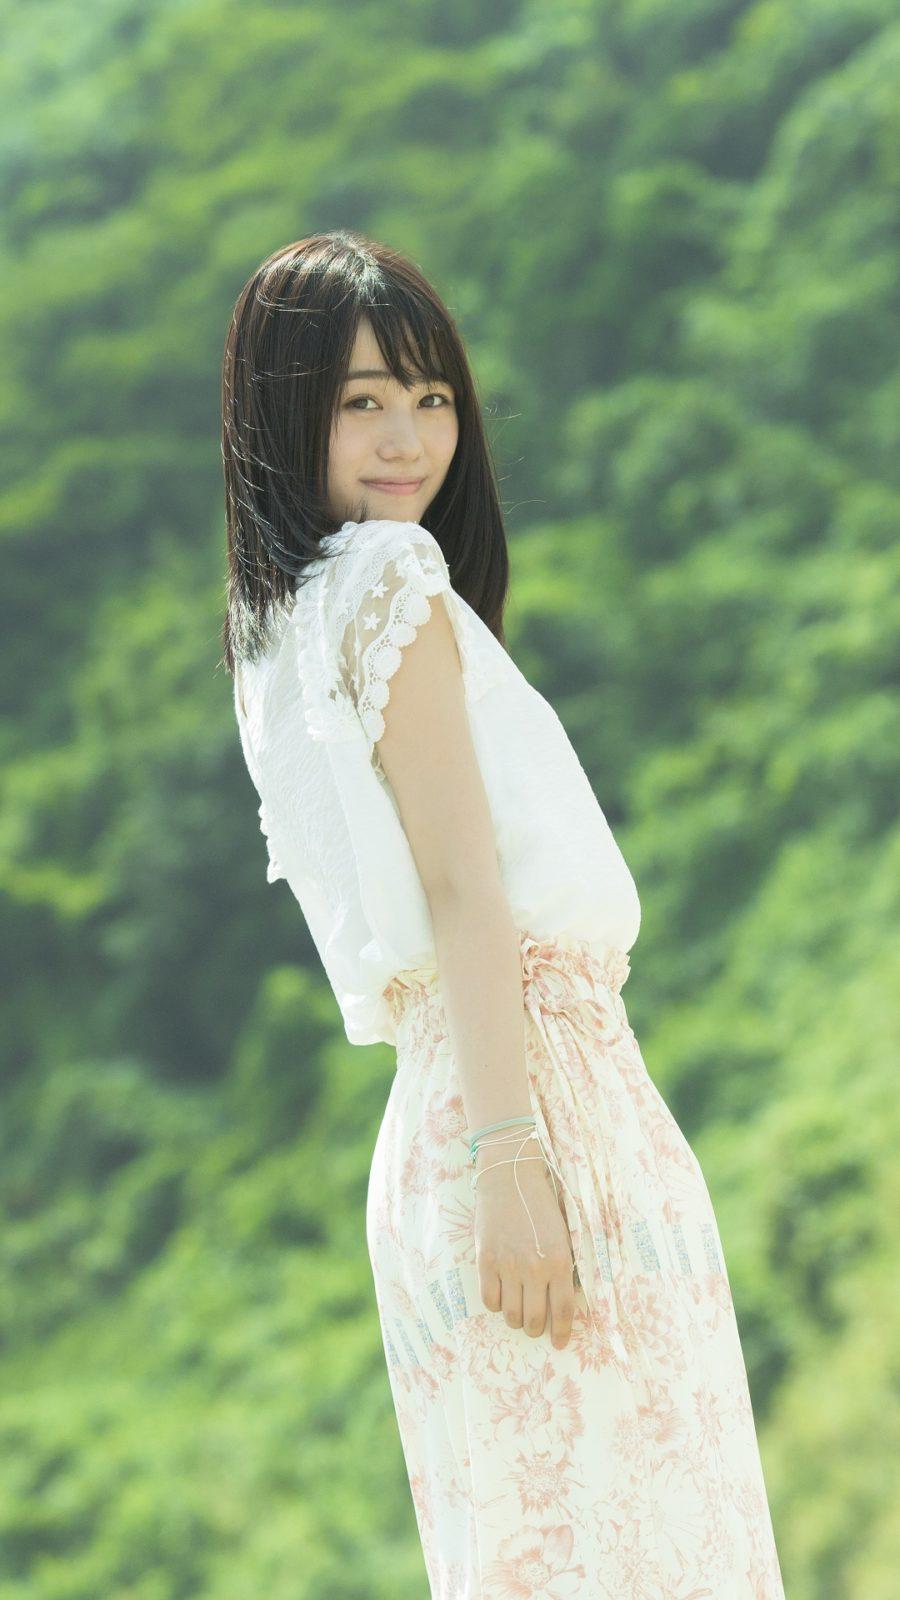 伊藤美来 1stアルバム「水彩~aquaveil~」を記念したスペシャル番組が生放送決定サムネイル画像